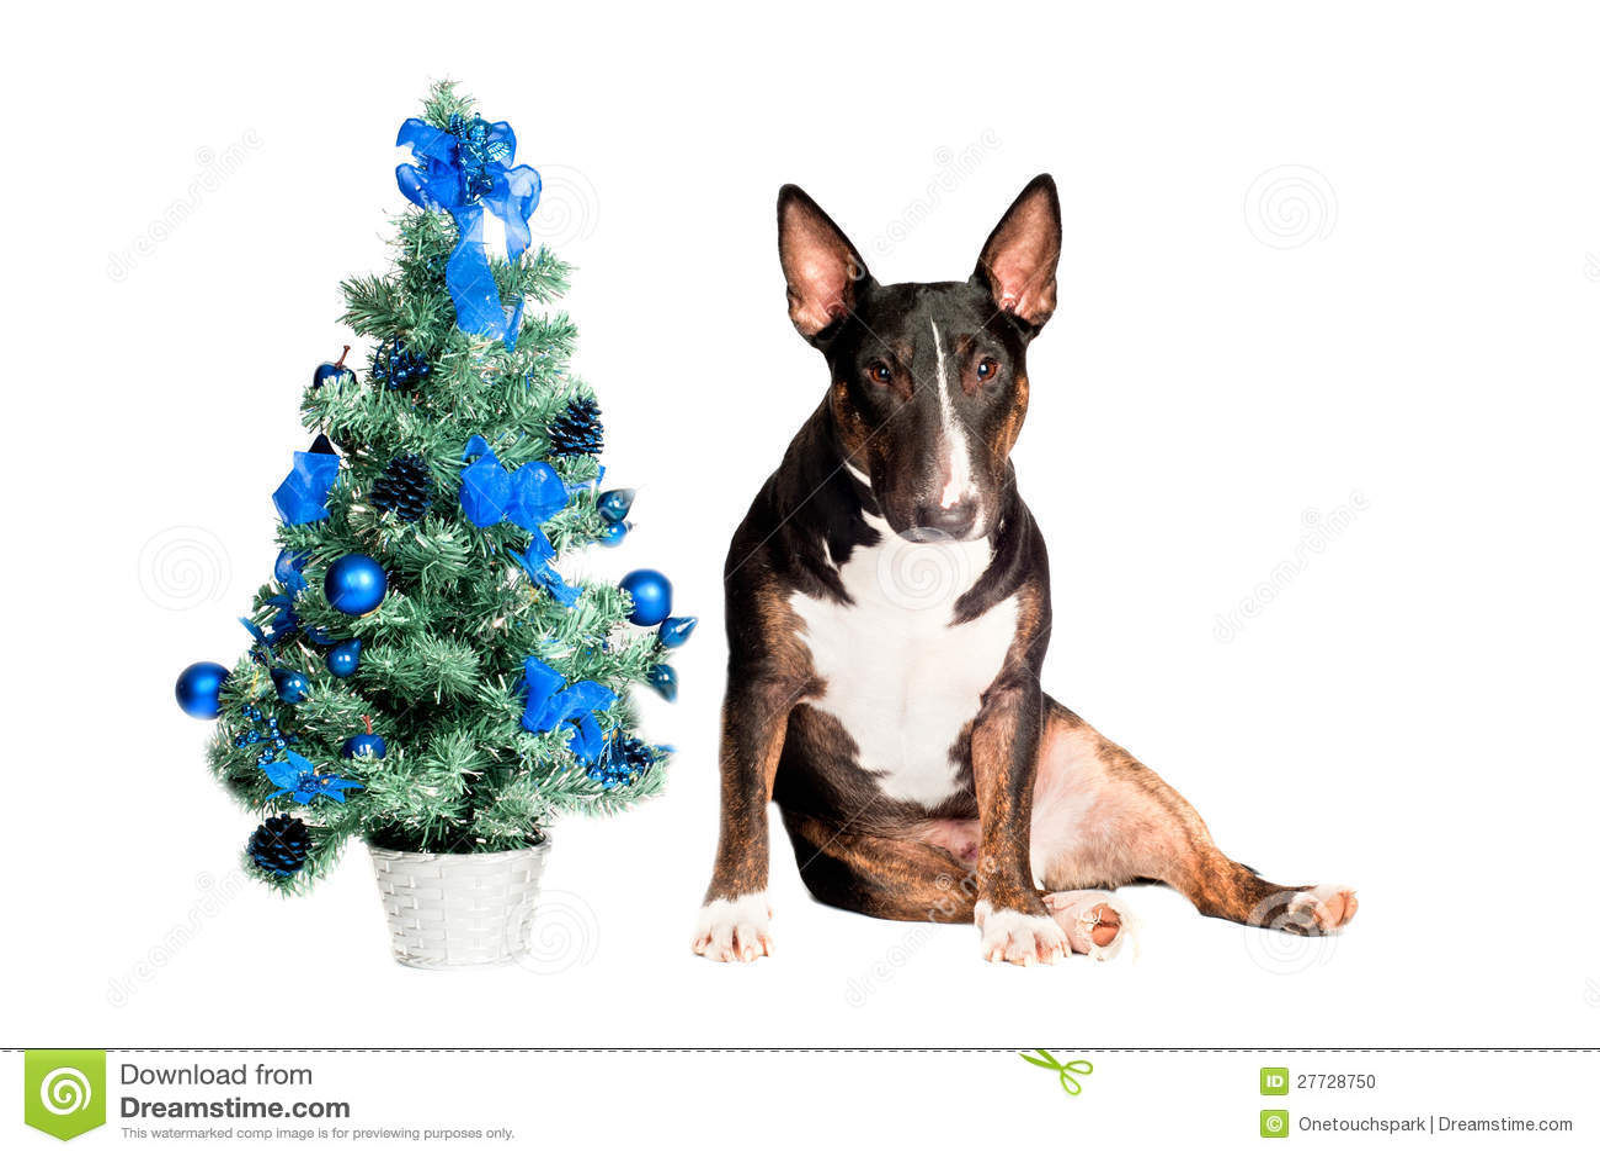 Bull-Terrierhund mit einem Weihnachtsbaum